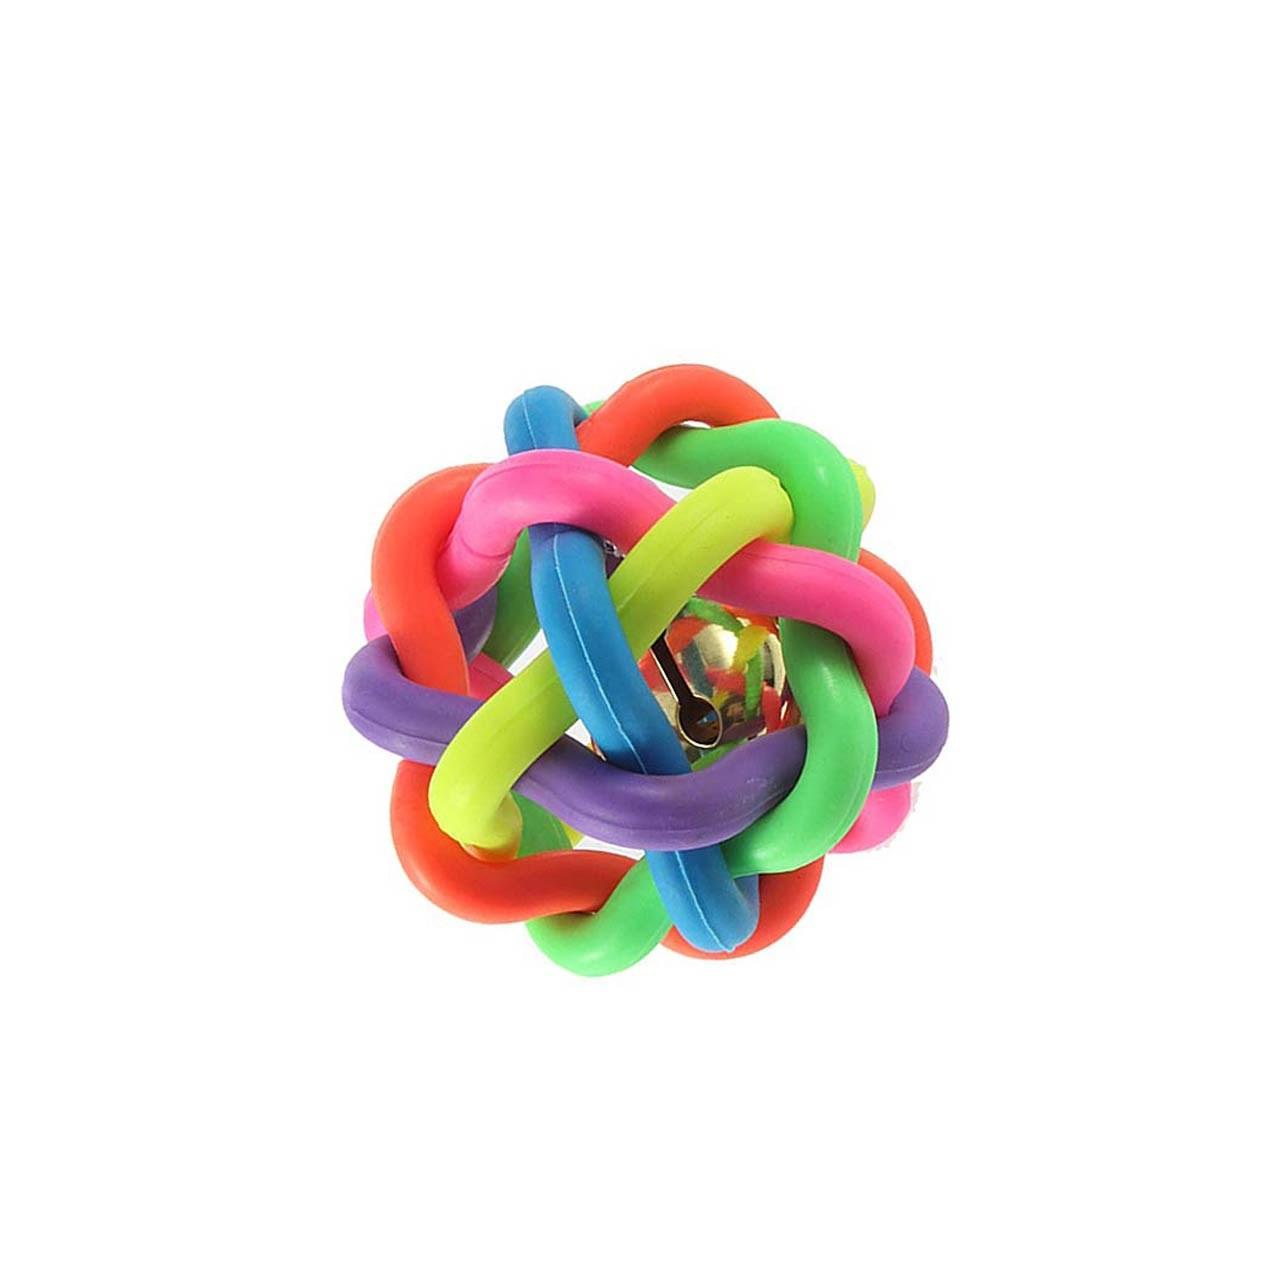 اسباب بازی سگ توپ پیچ در پیچ مدل Juguetes Perro Ball-S قطر 5.5 سانتی متری